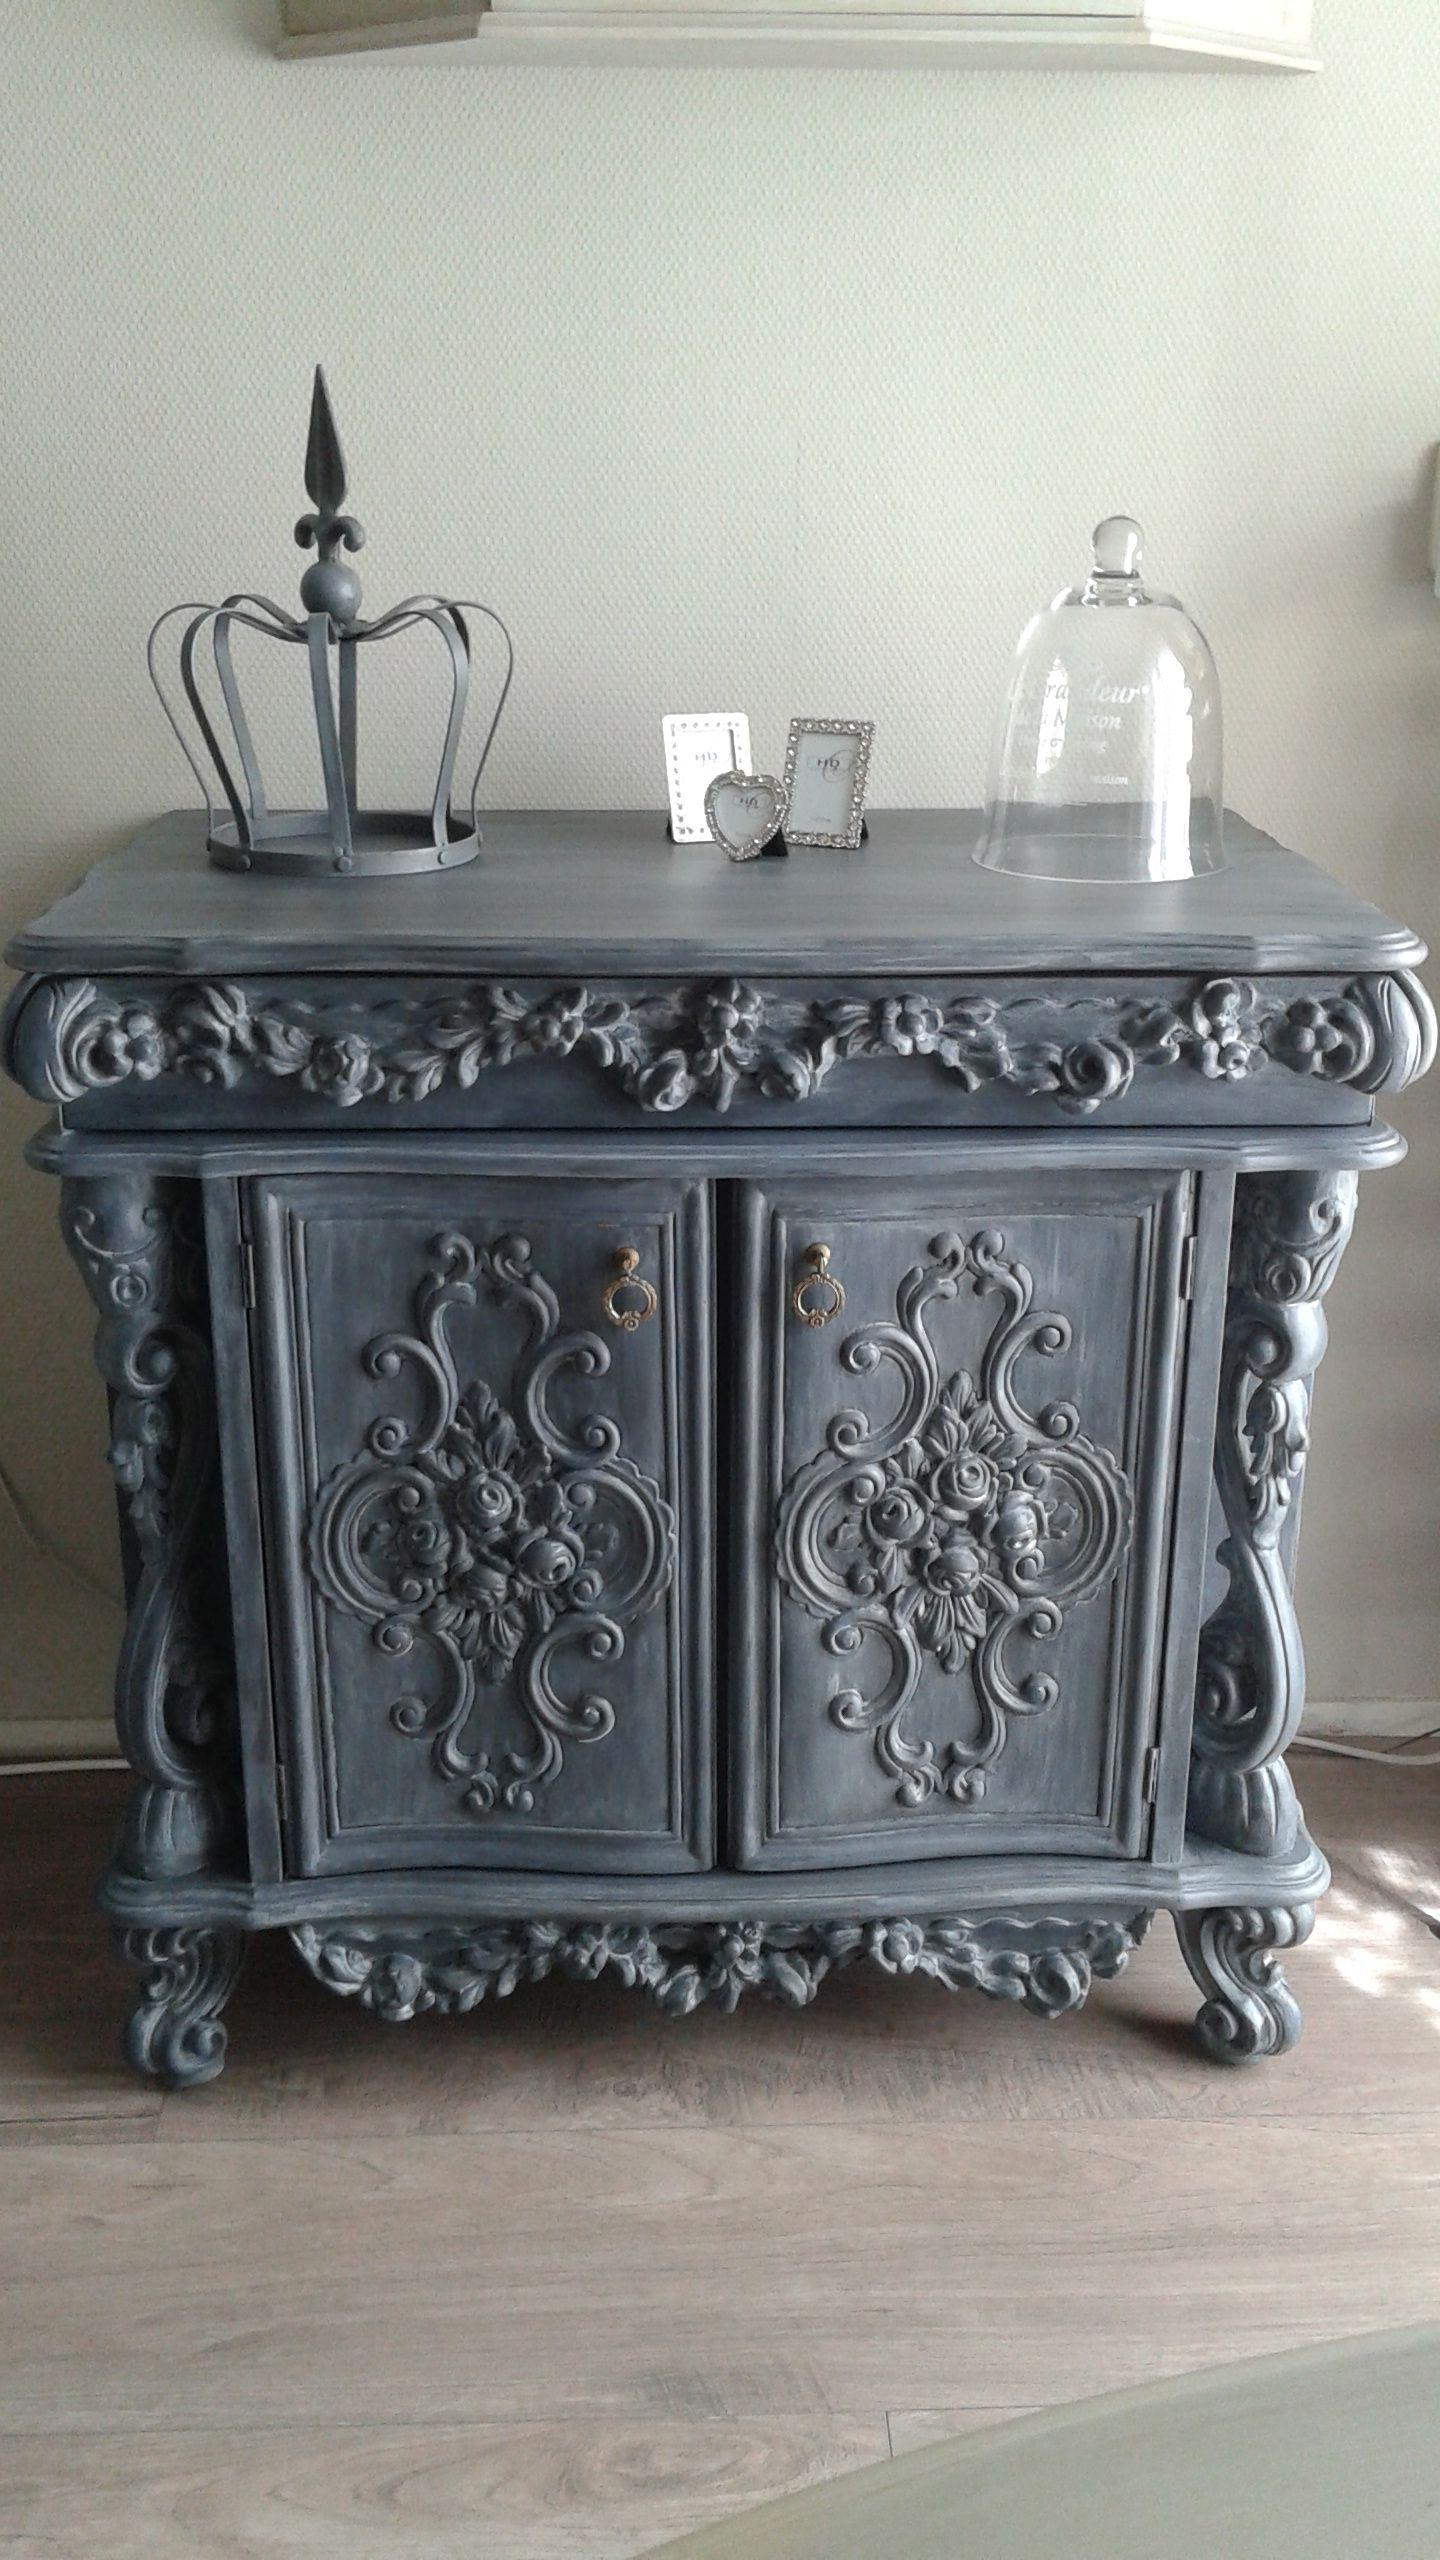 Barok kastje met zeer mooie houtsnijwerk gerysteled met krijtverf antraciet grijs met fluweel licht grijs .  Tua-Casa restylen van oud naar nieuw. Besloten groep op facebook